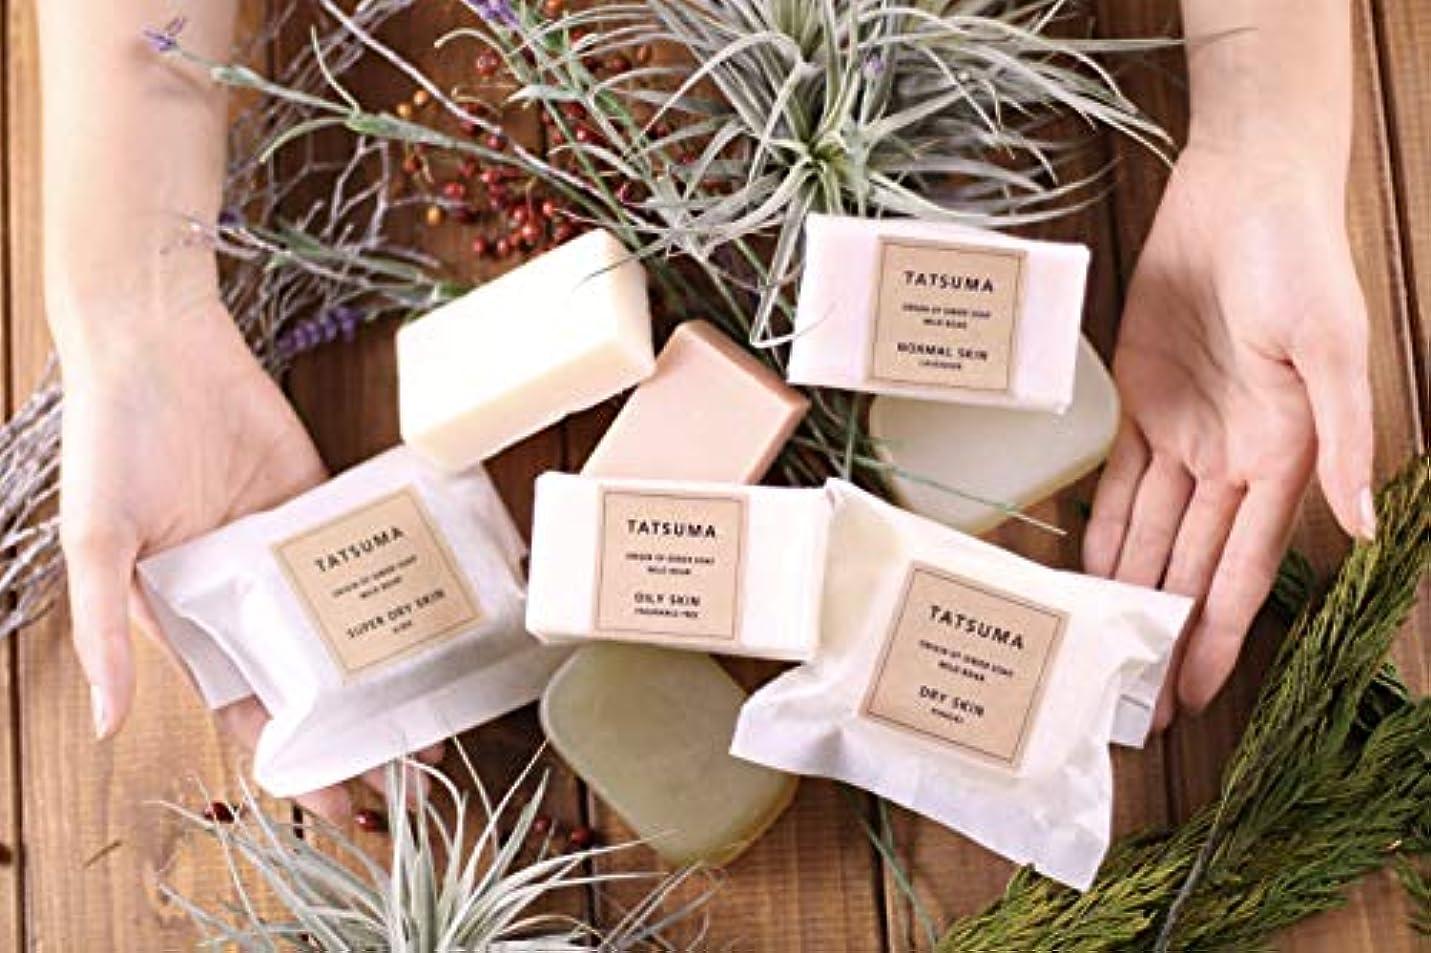 レタッチ噴水退化するTATSUMA SOAP 動物性オイルの無添加石鹸 NORMAL SKIN 普通肌さん ラベンダーの香(80g)